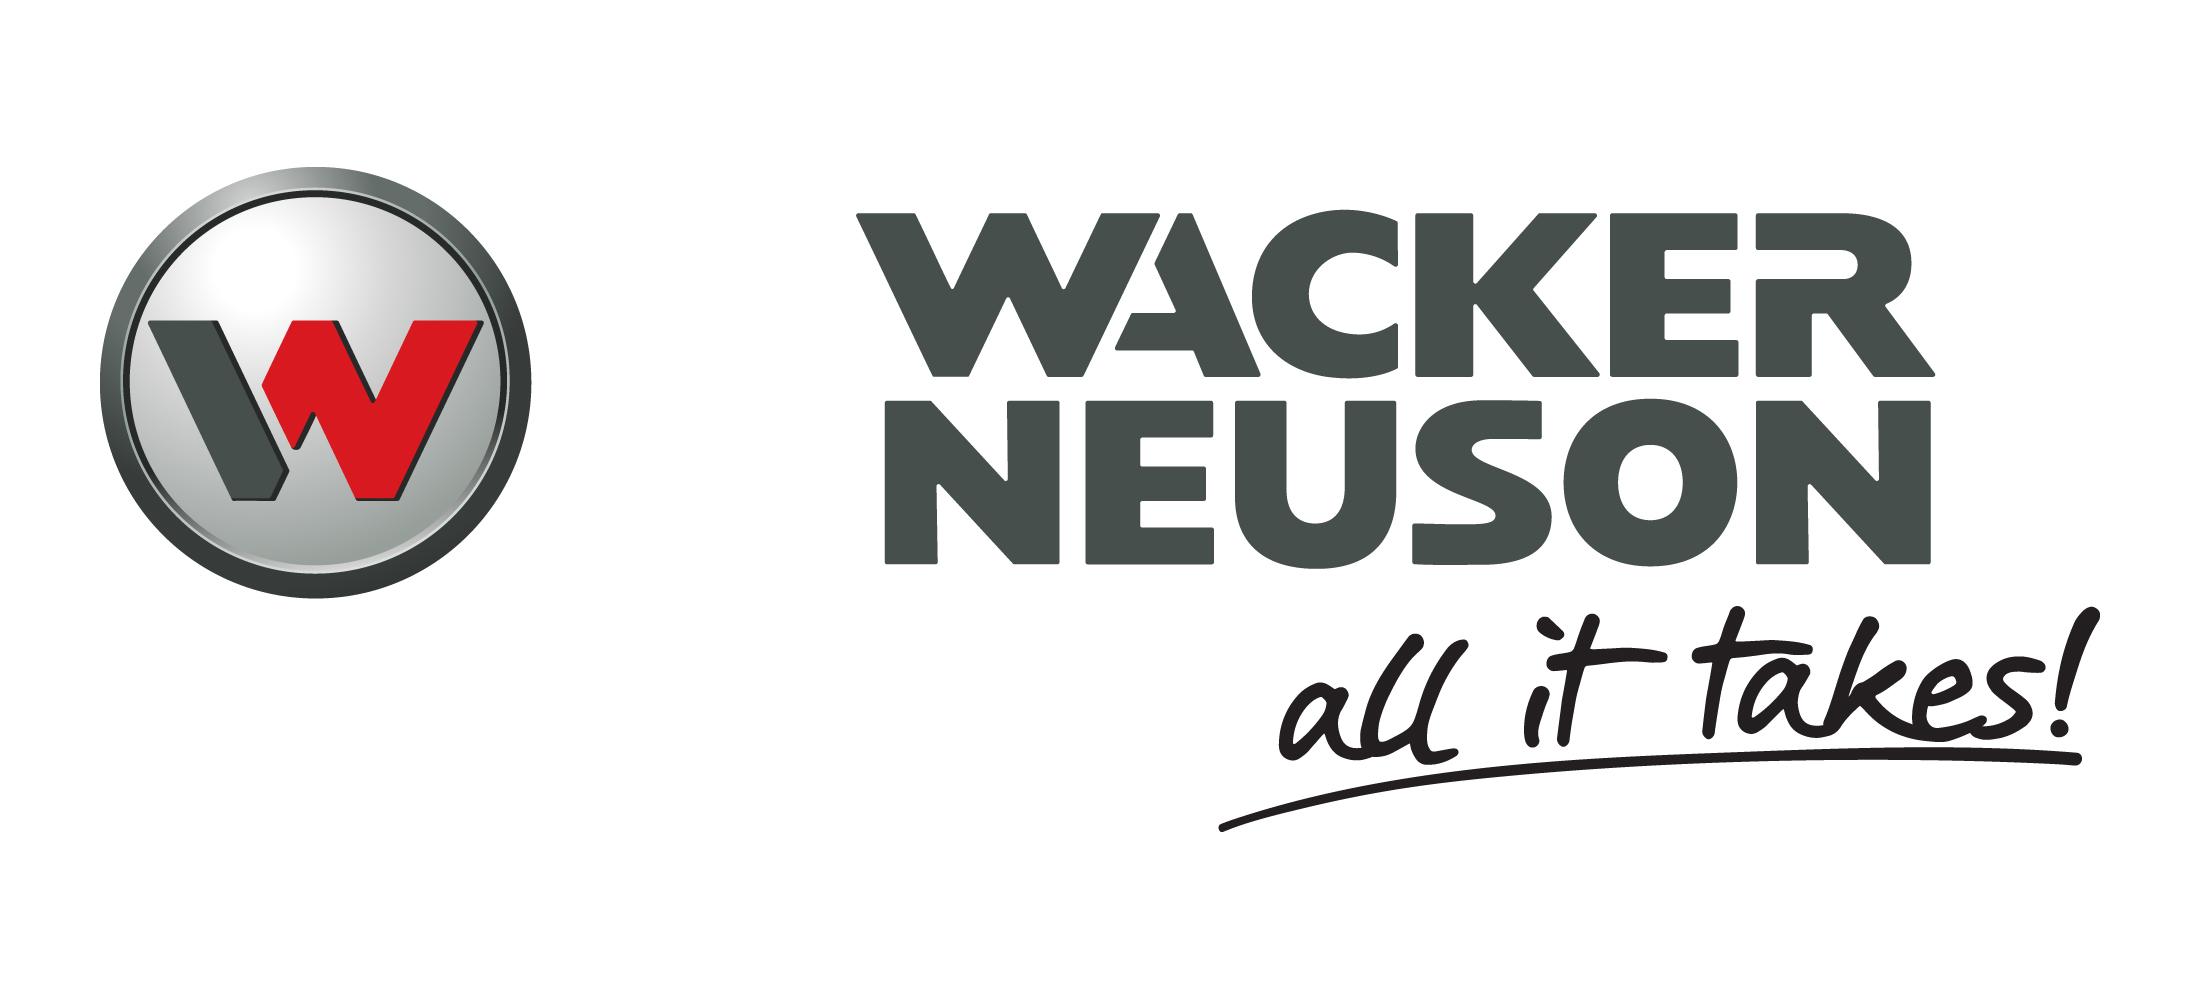 Wacker Neuson Pty Ltd. - Auburn, NSW 2144 - (02) 8708 7000 | ShowMeLocal.com